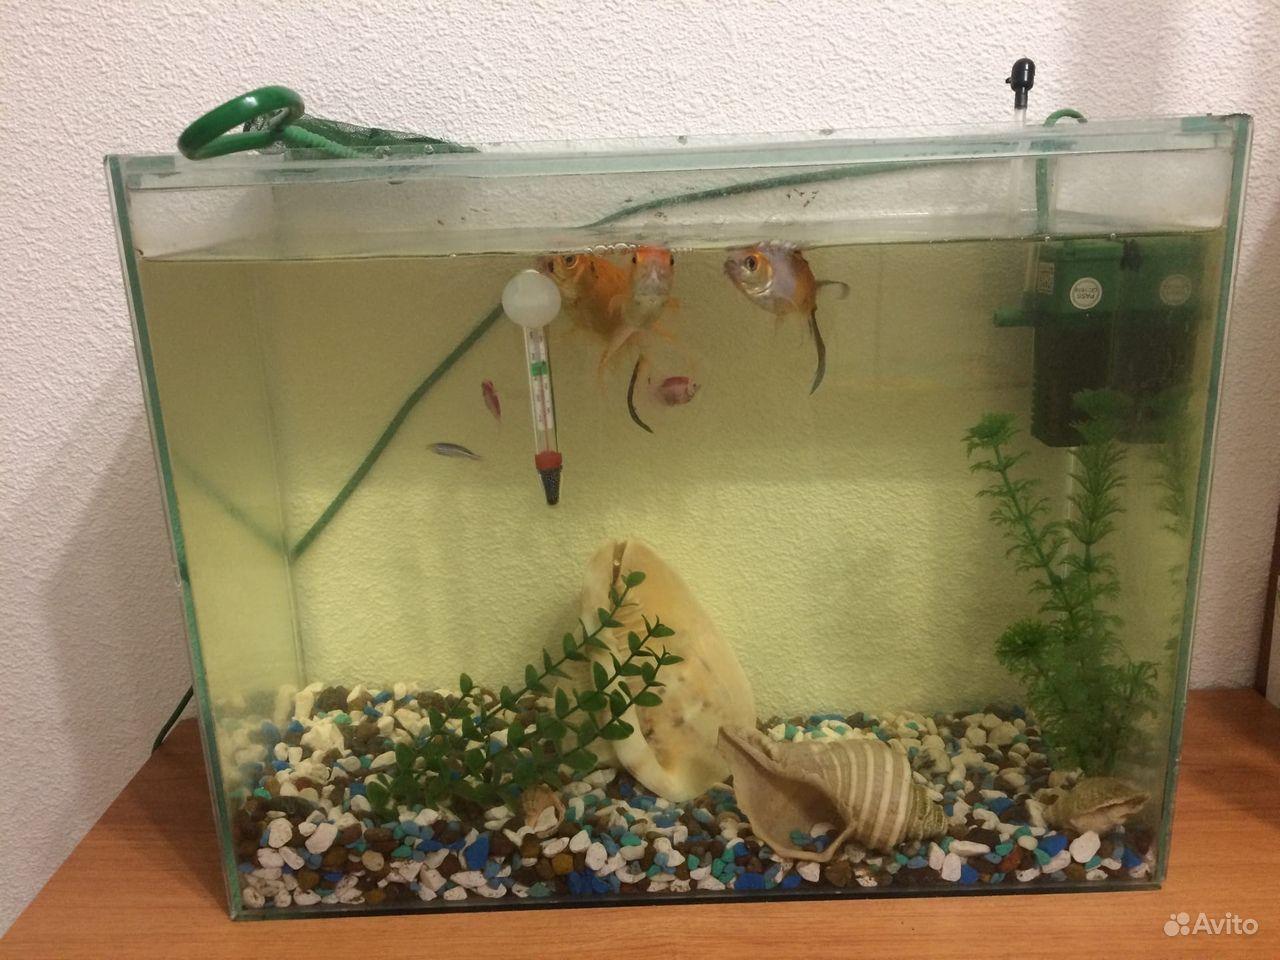 Аквариум с рыбками 30 литров купить на Зозу.ру - фотография № 2